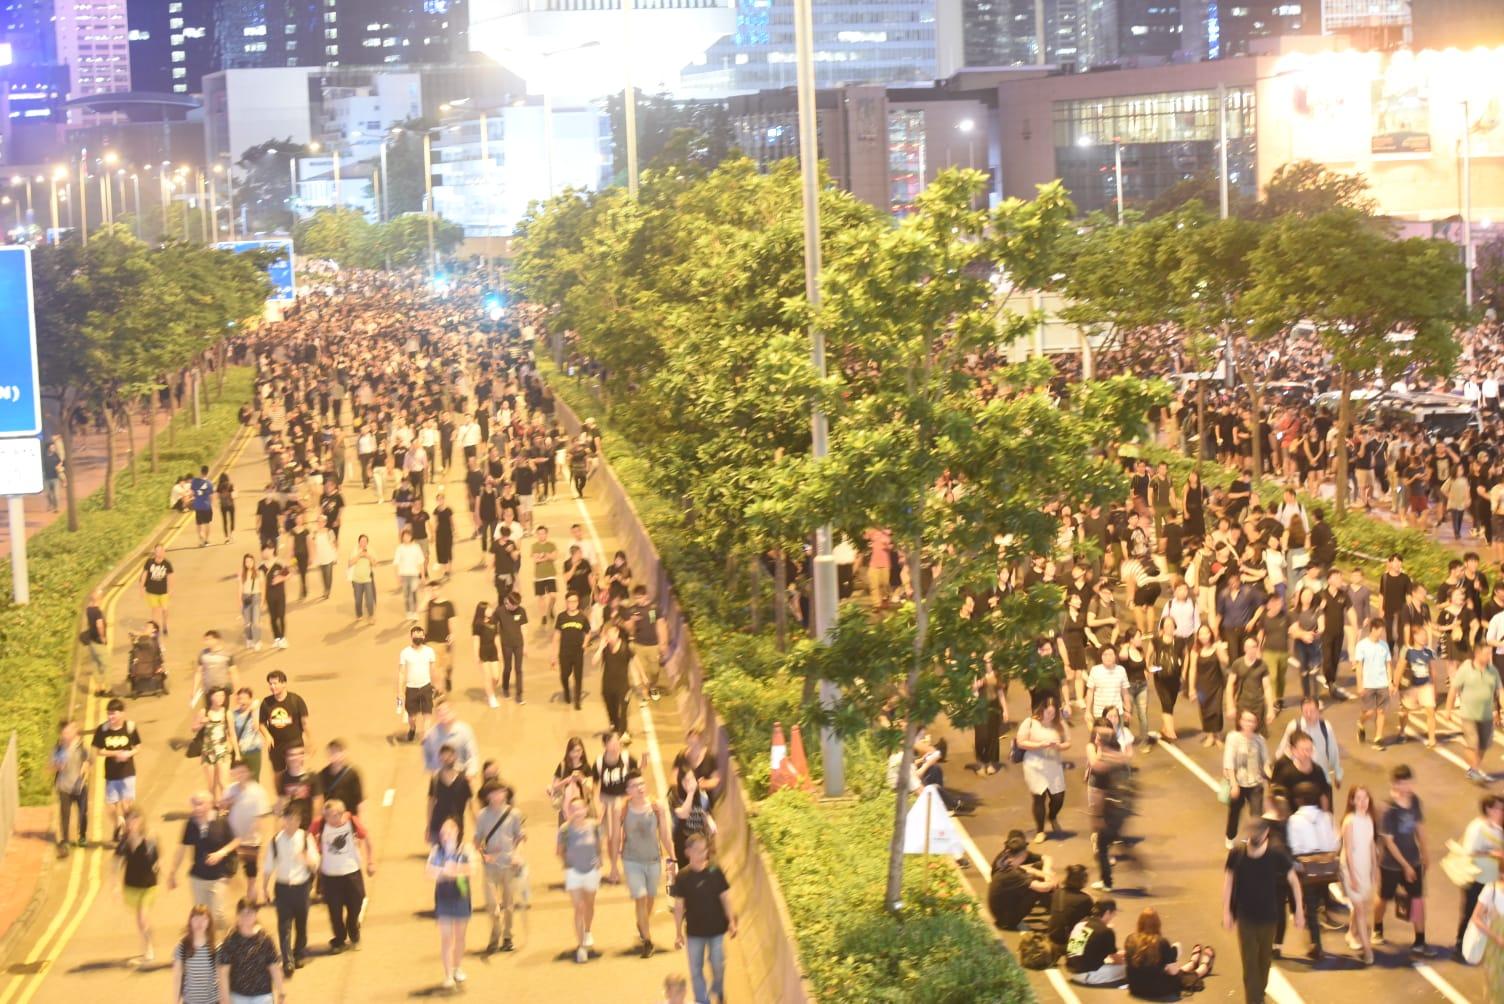 身穿黑衣市民龍和道聚集。